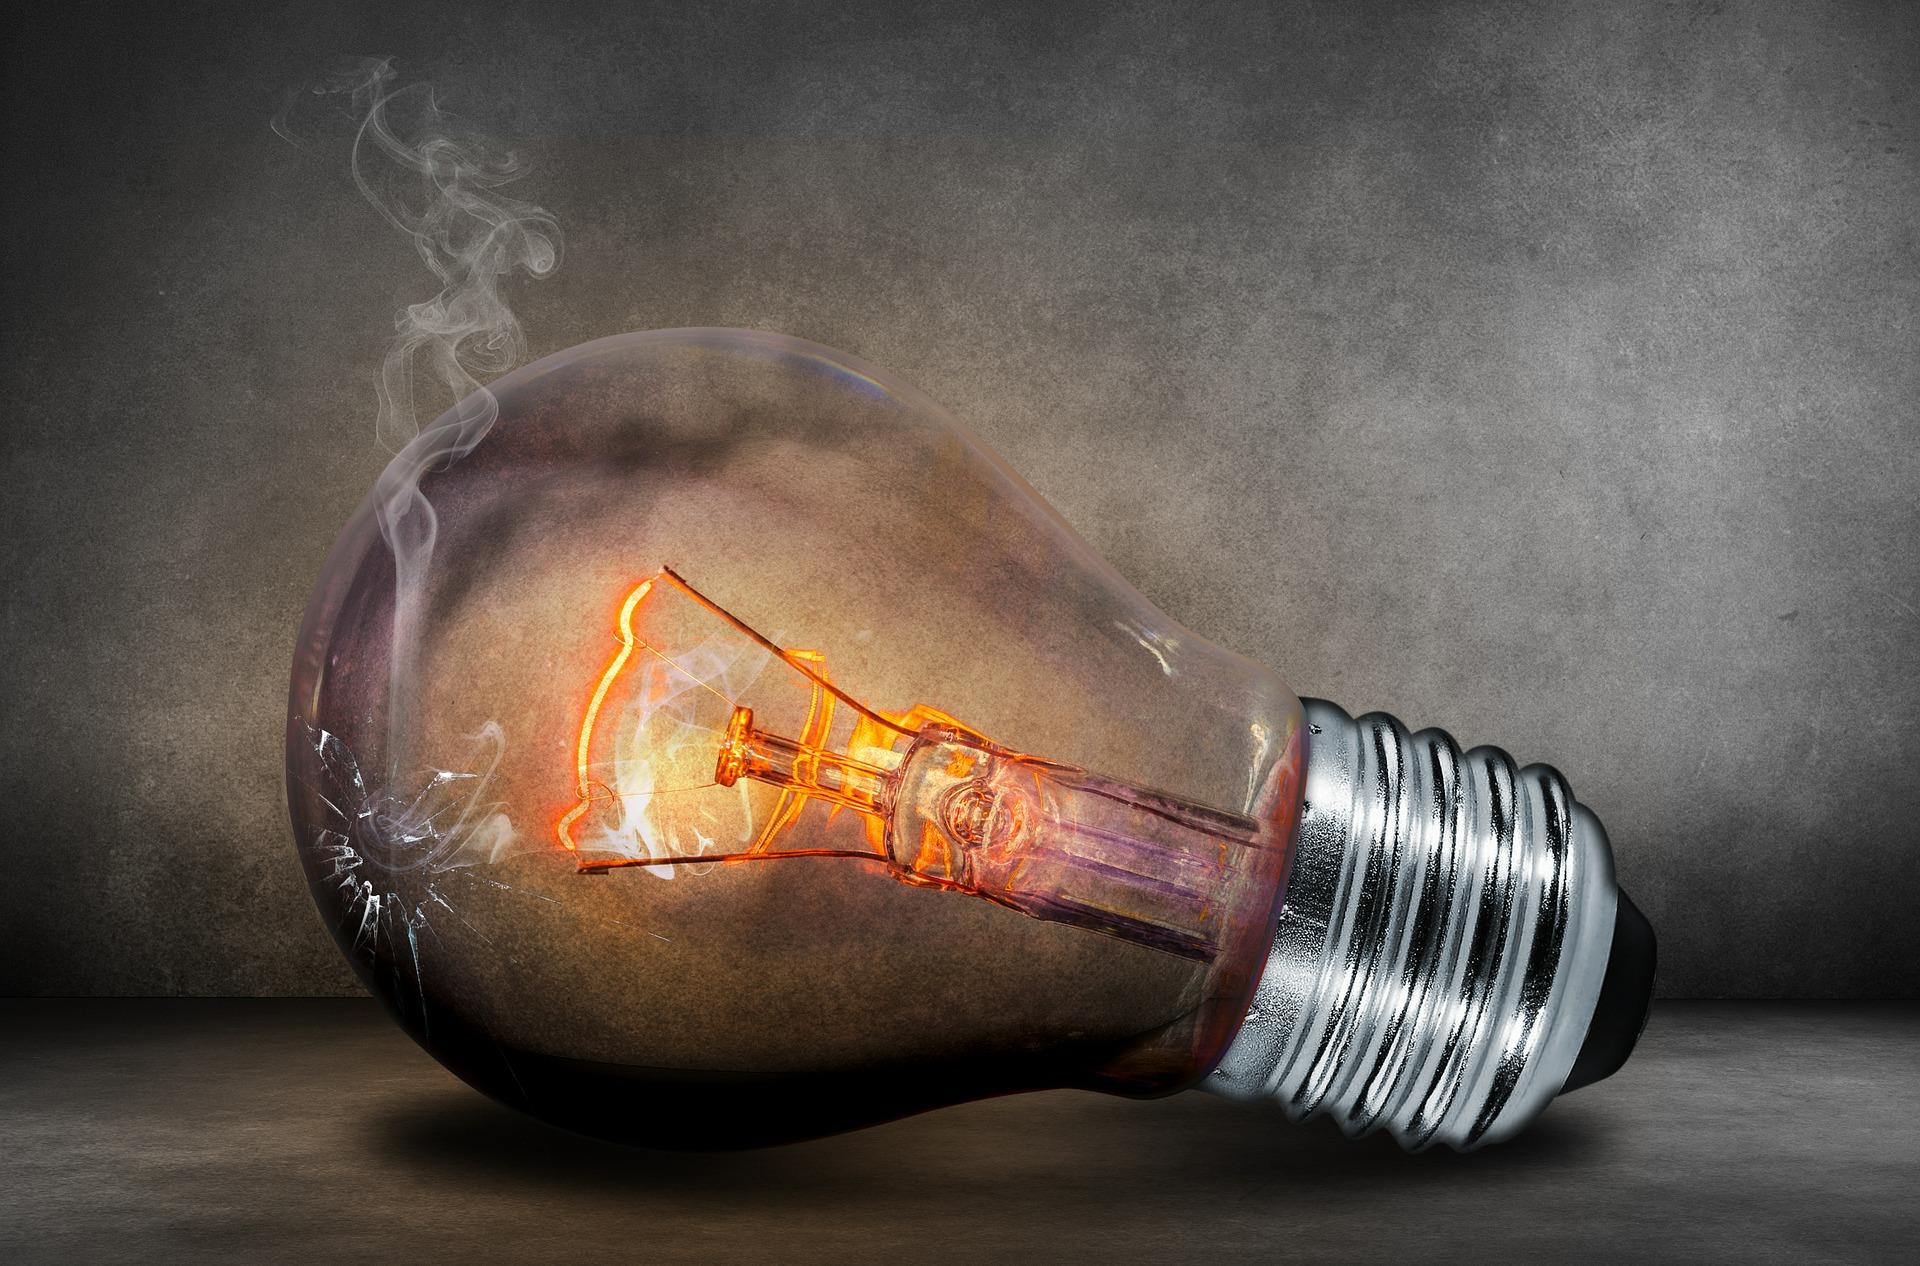 そのレイキはエネルギーが逆流しているかも